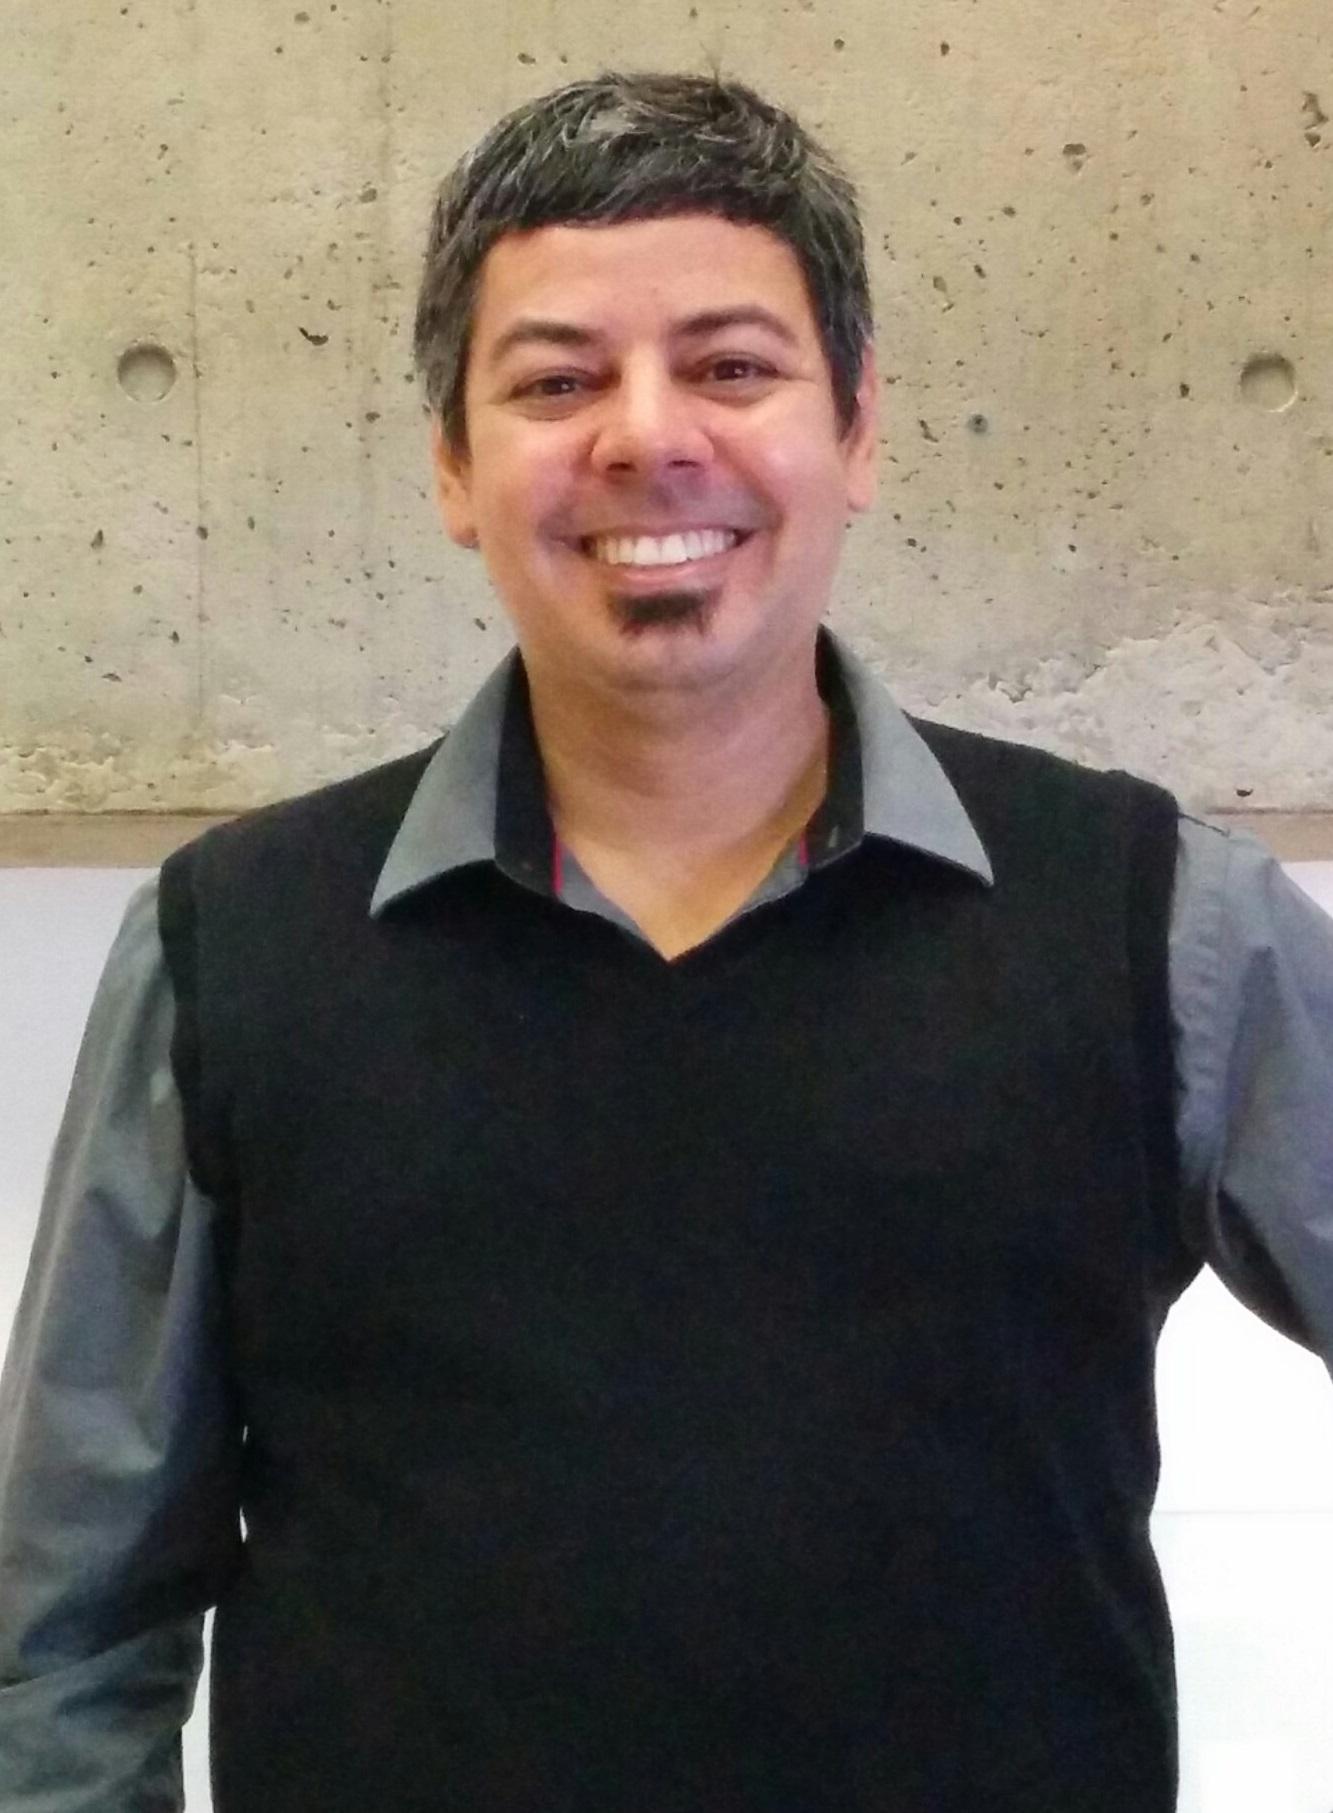 Joao Velloso